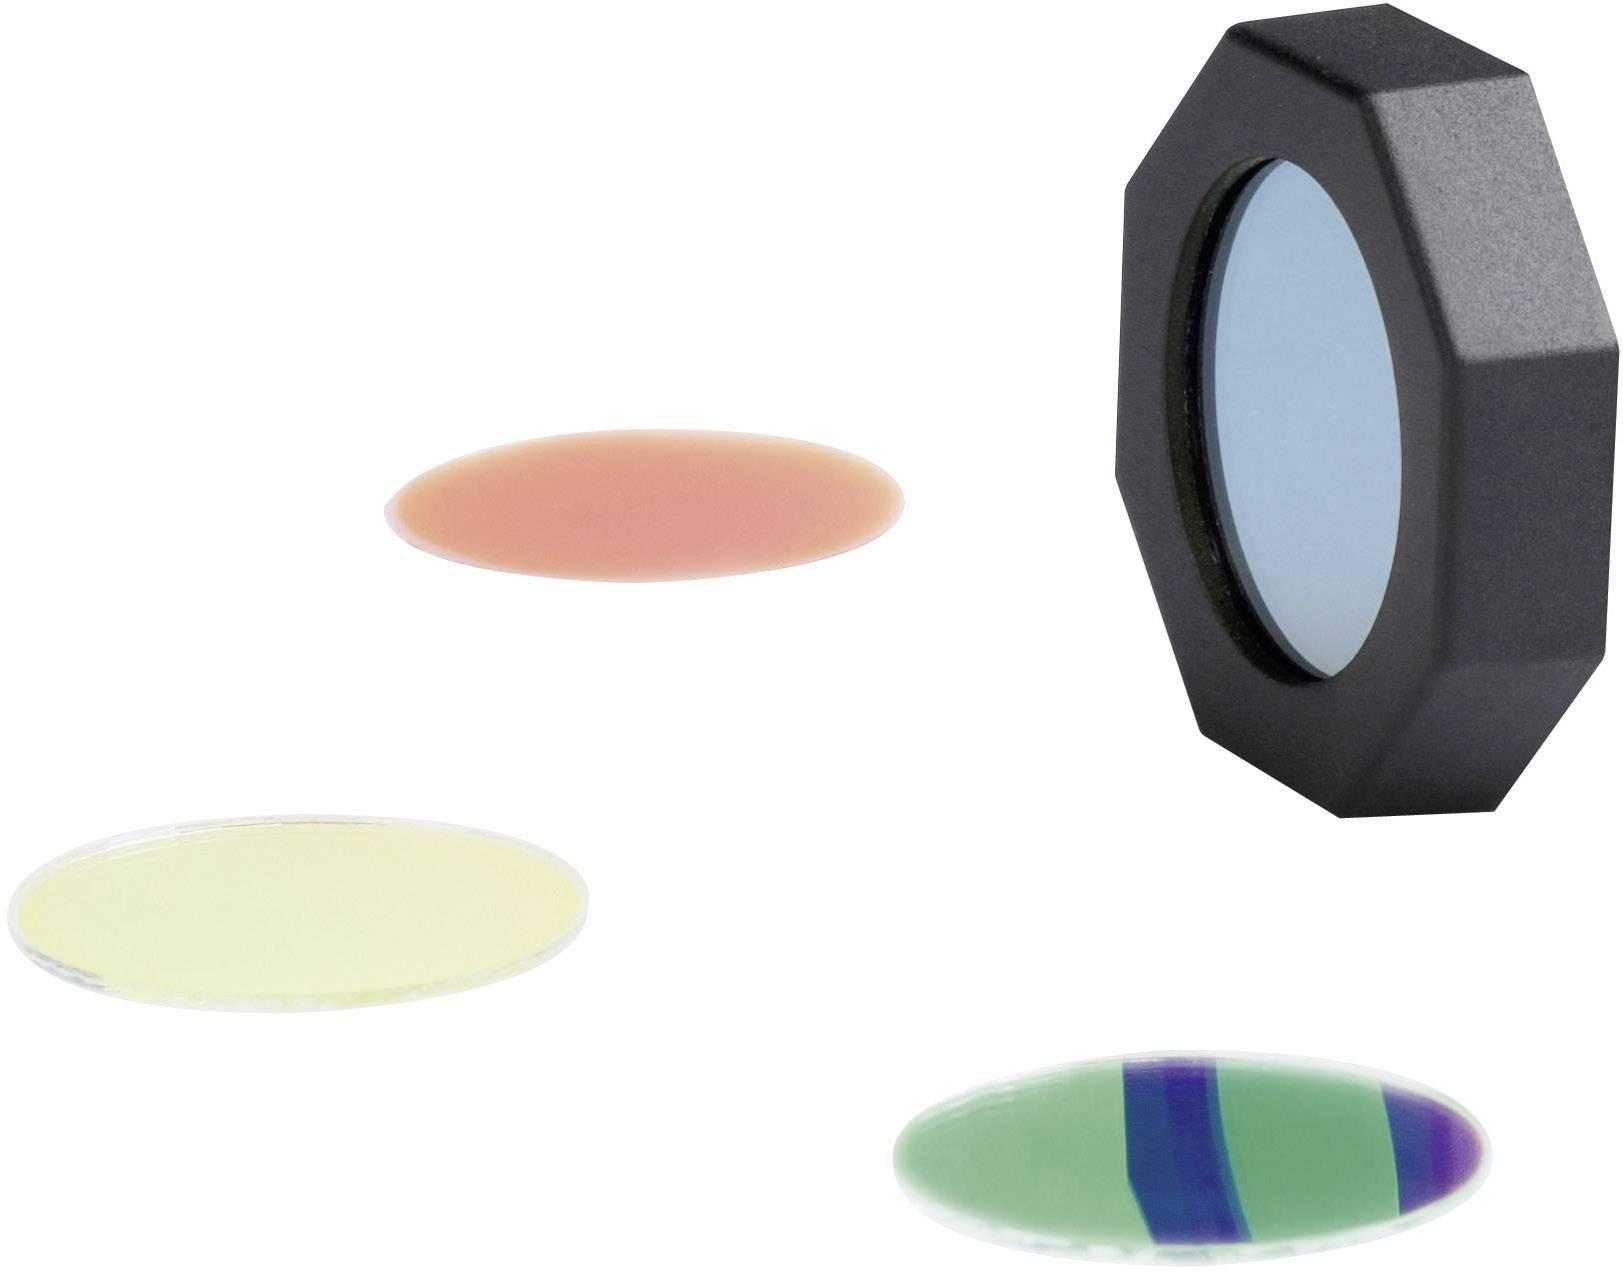 Farebné filtre LED Lenser, sada 4 ks